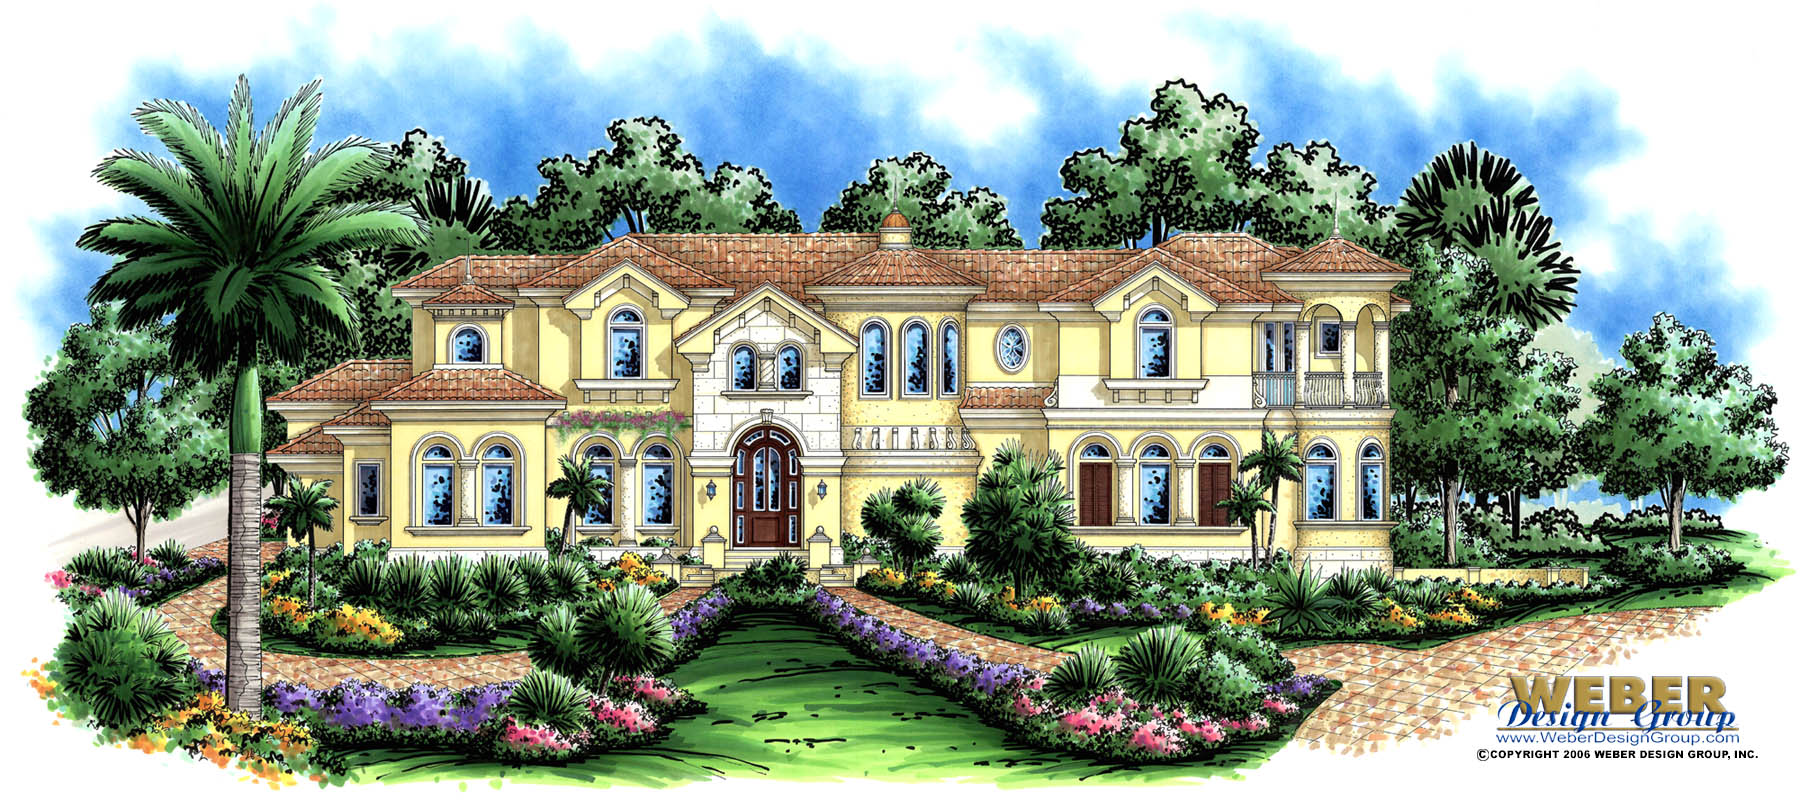 Grand caicos home plan weber design group naples fl for Grand house plans